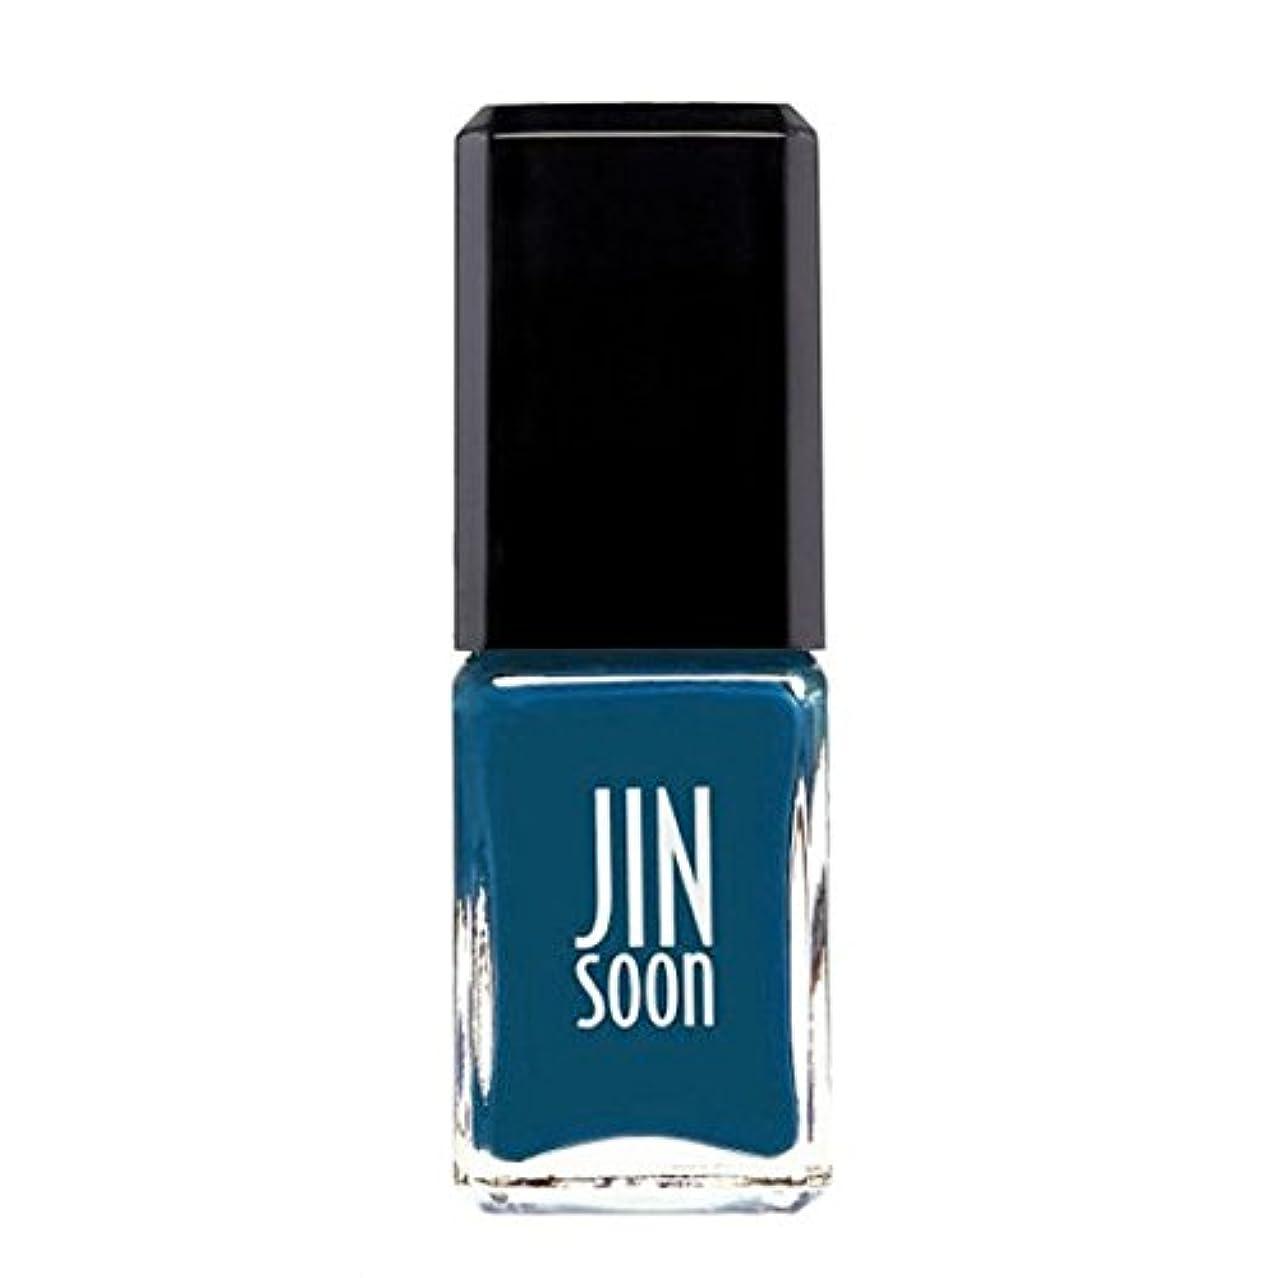 余分な例外入札[ジンスーン] [ jinsoon] ボウ(ティールブルー) BEAU ジンスーン 5フリー ネイルポリッシュ ネイルカラー系統:ティールブルー teal blue 11mL